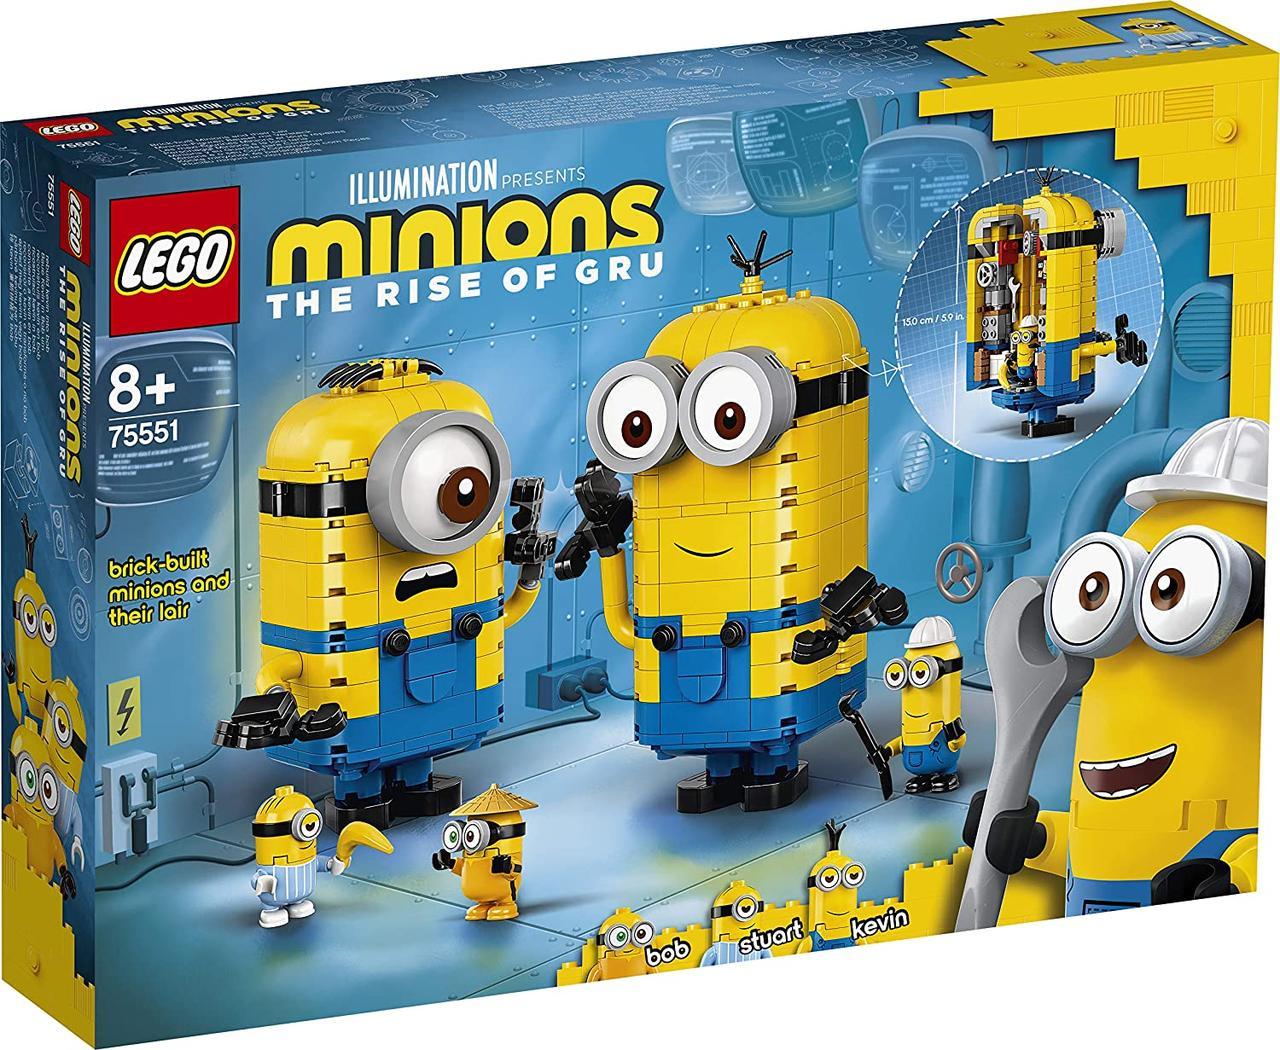 LEGO 75551 Лего Конструктор Minions Фігурки міньйонів і їхній будинок 876 деталей